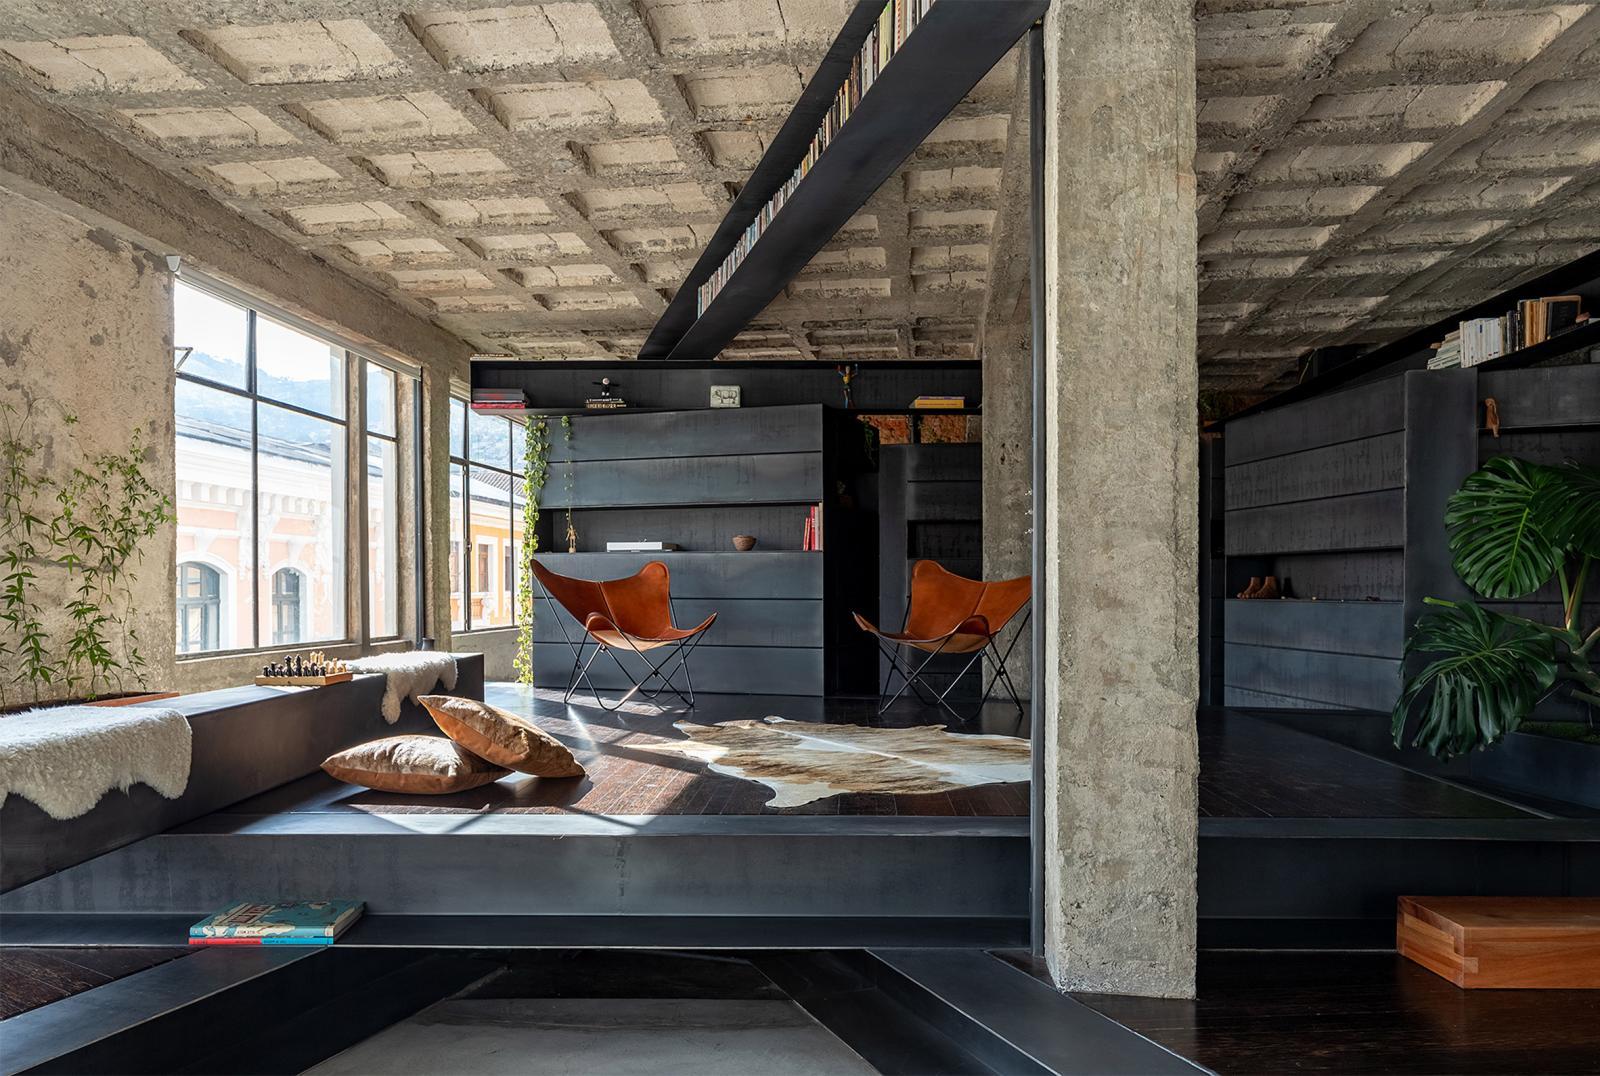 hình ảnh phòng thư giãn thoáng sáng với 2 ghế ngồi da màu vàng bò